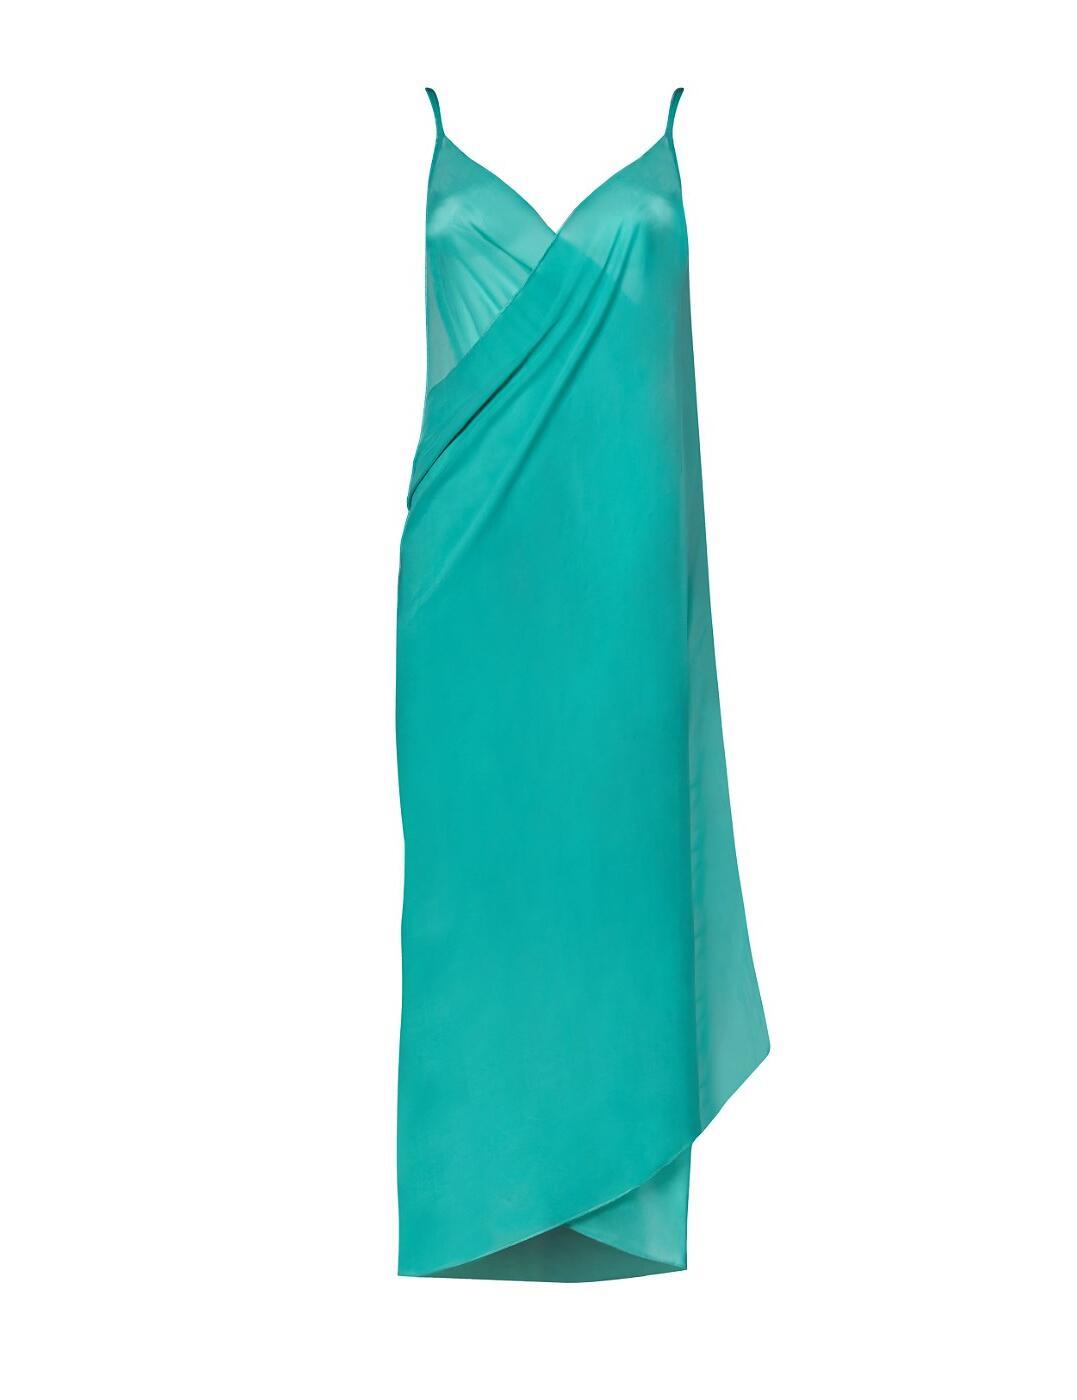 36-3262 SeaSpray Just Colour Plain Sarong Dress - 36-3262 Emerald